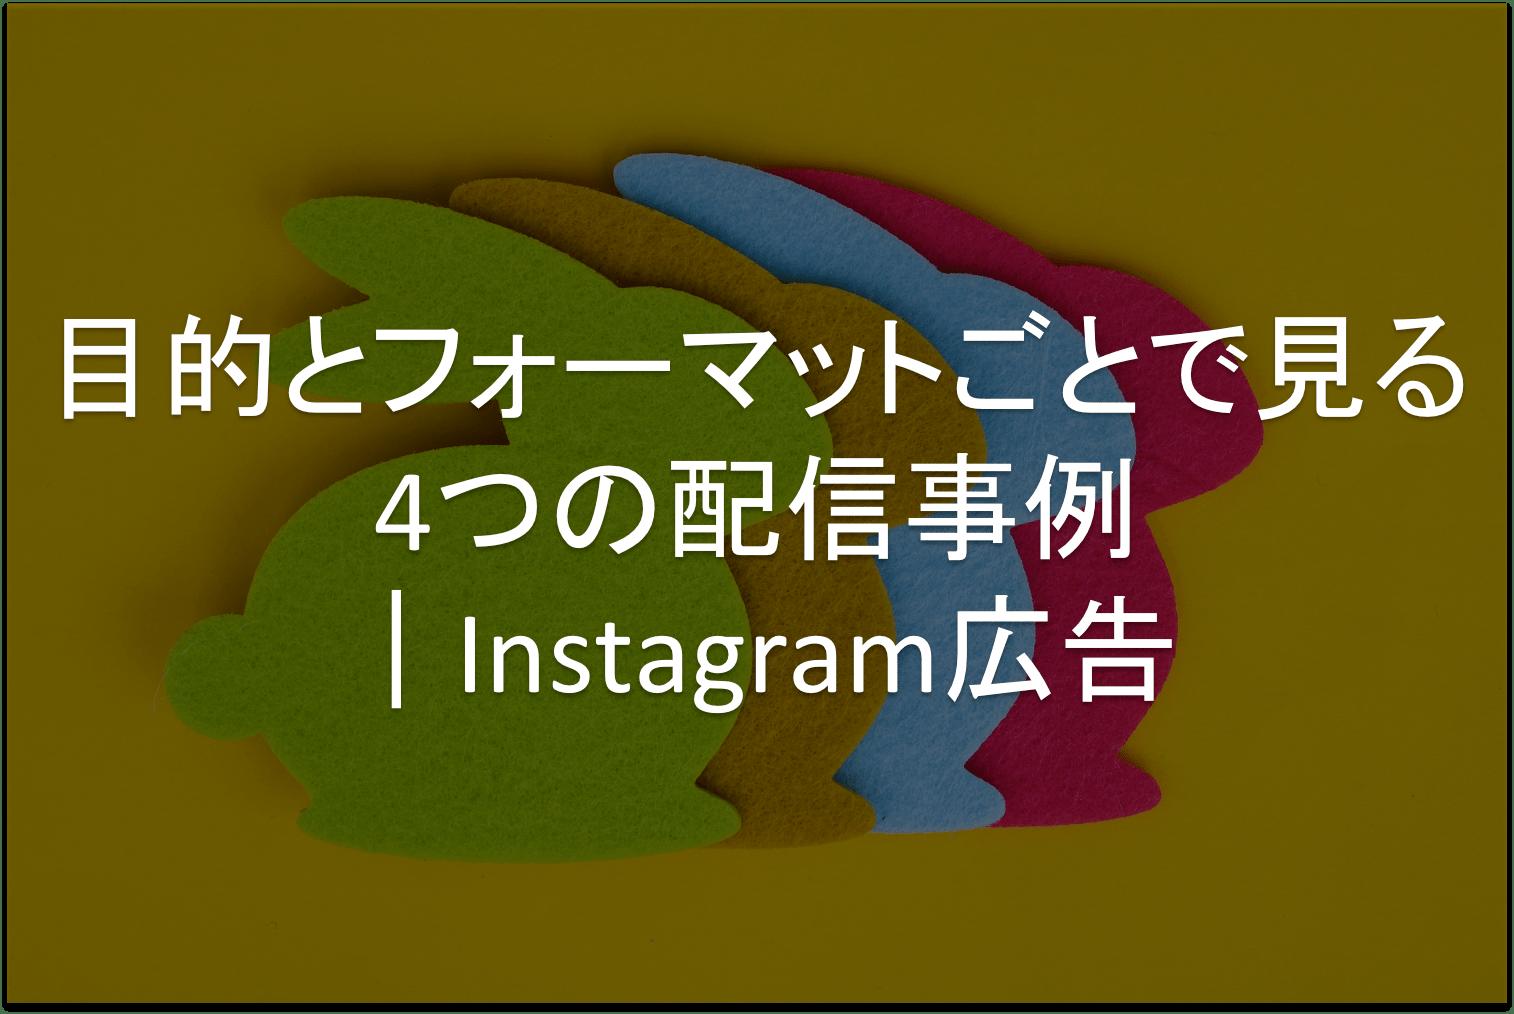 Instagram広告 事例